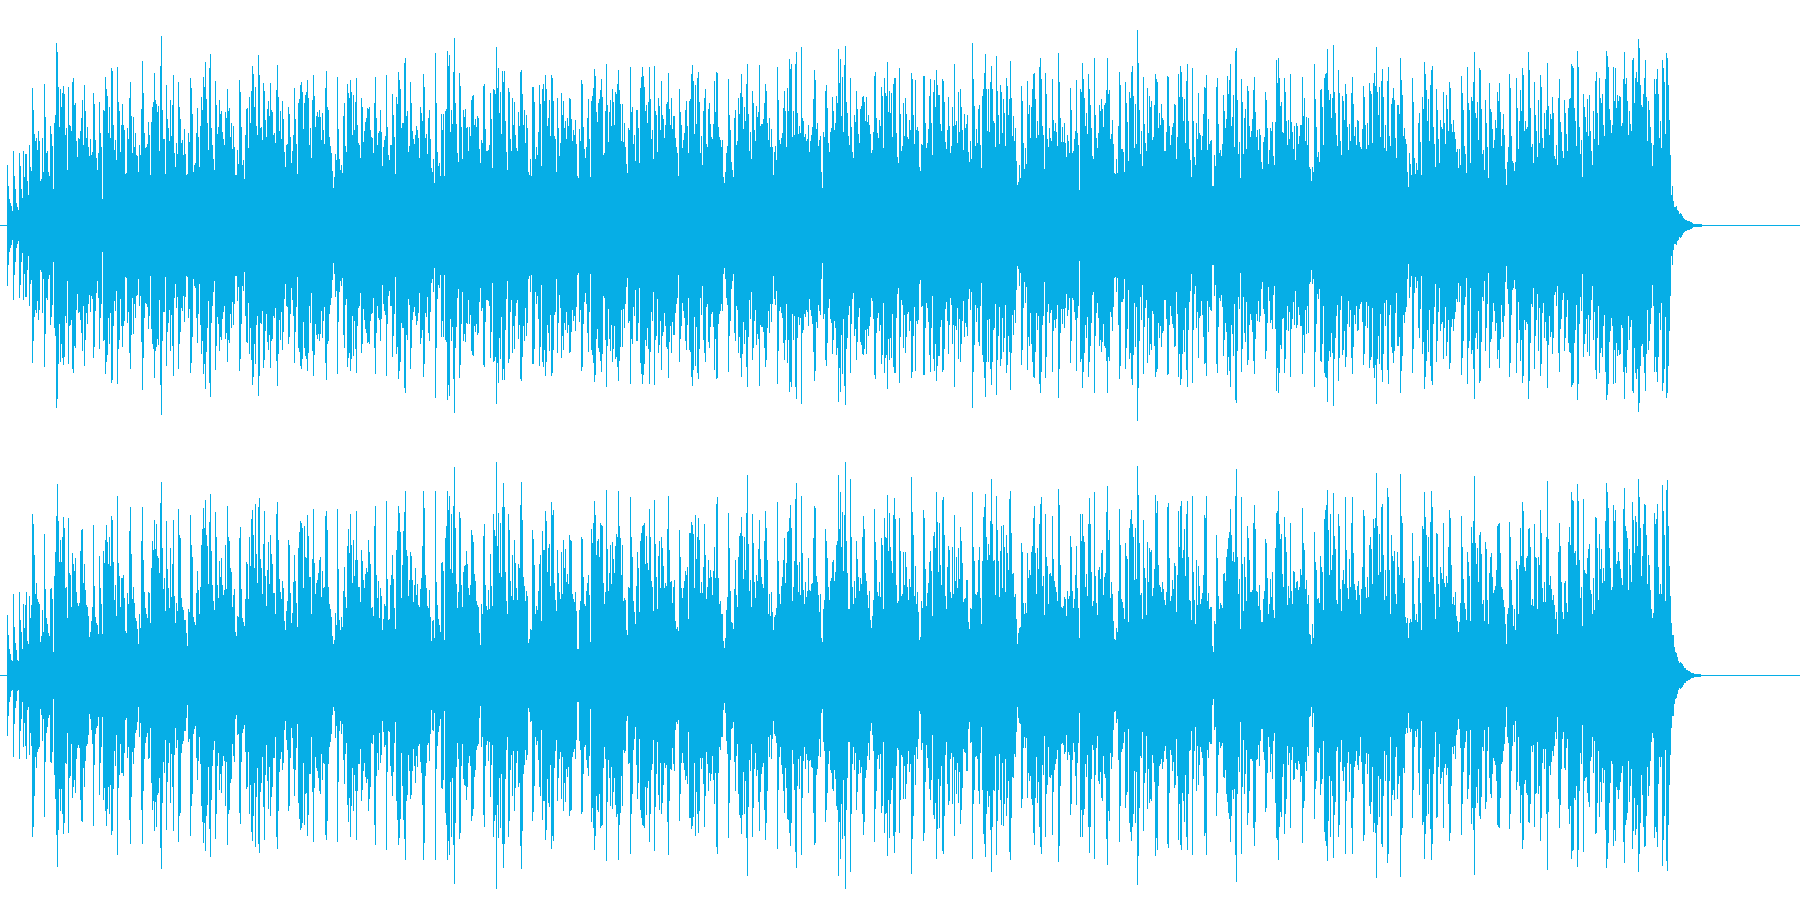 エレガントでシックなミディアム・ポップスの再生済みの波形